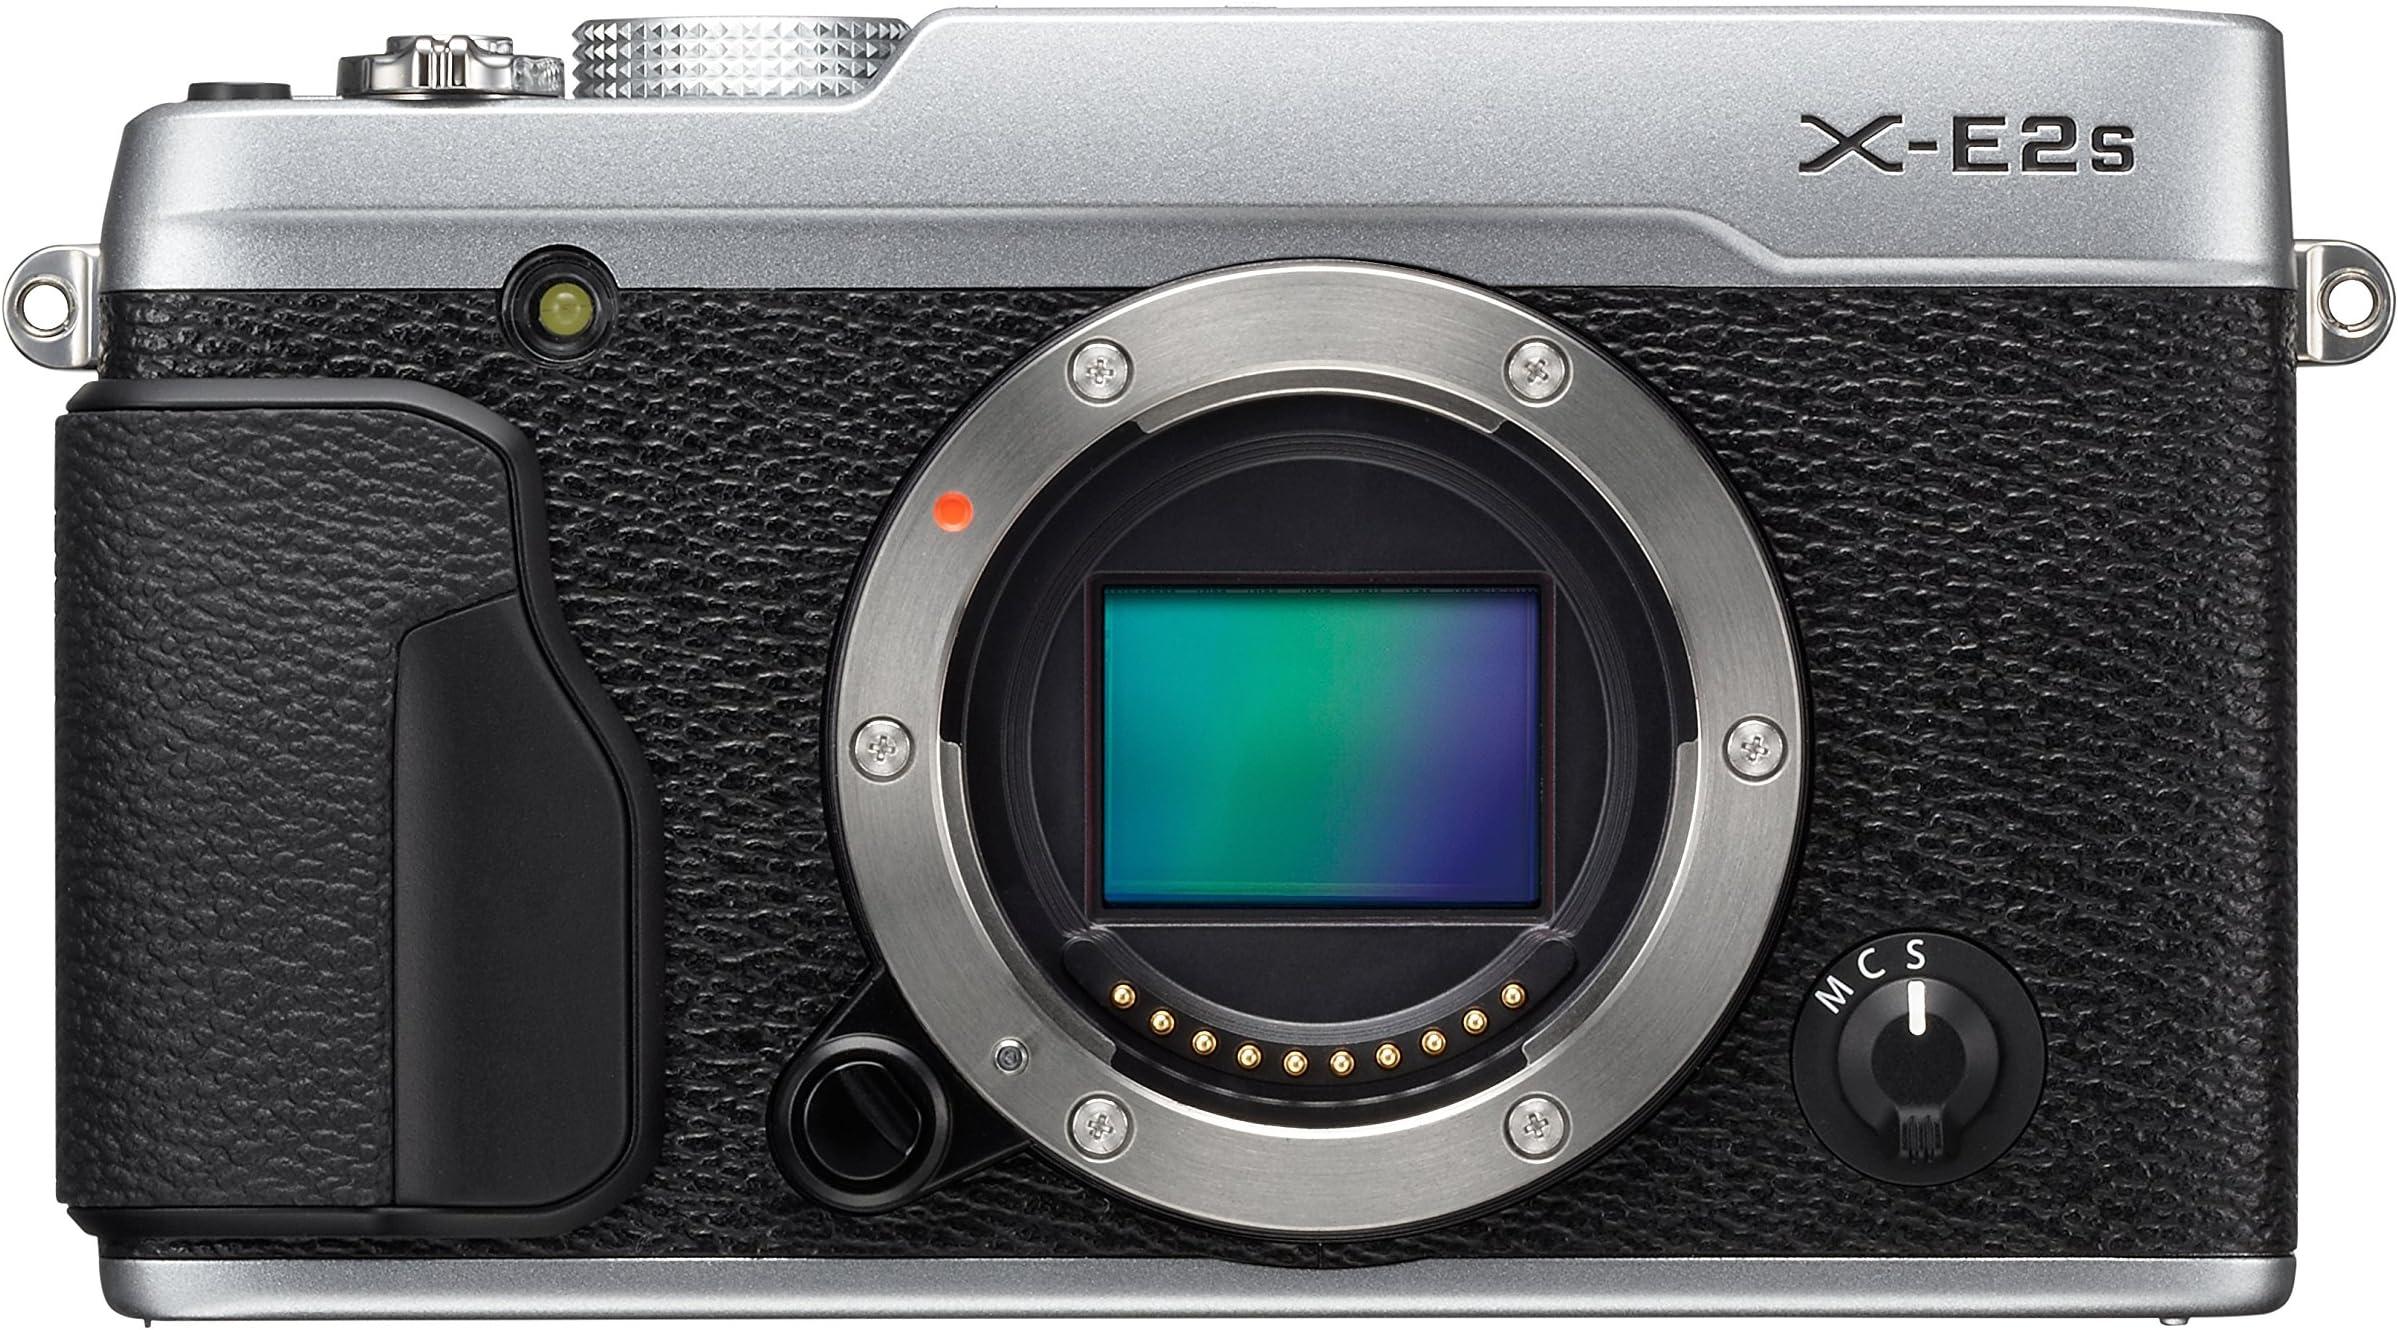 Fujifilm X-E2S Body Mirrorless Camera (Silver)